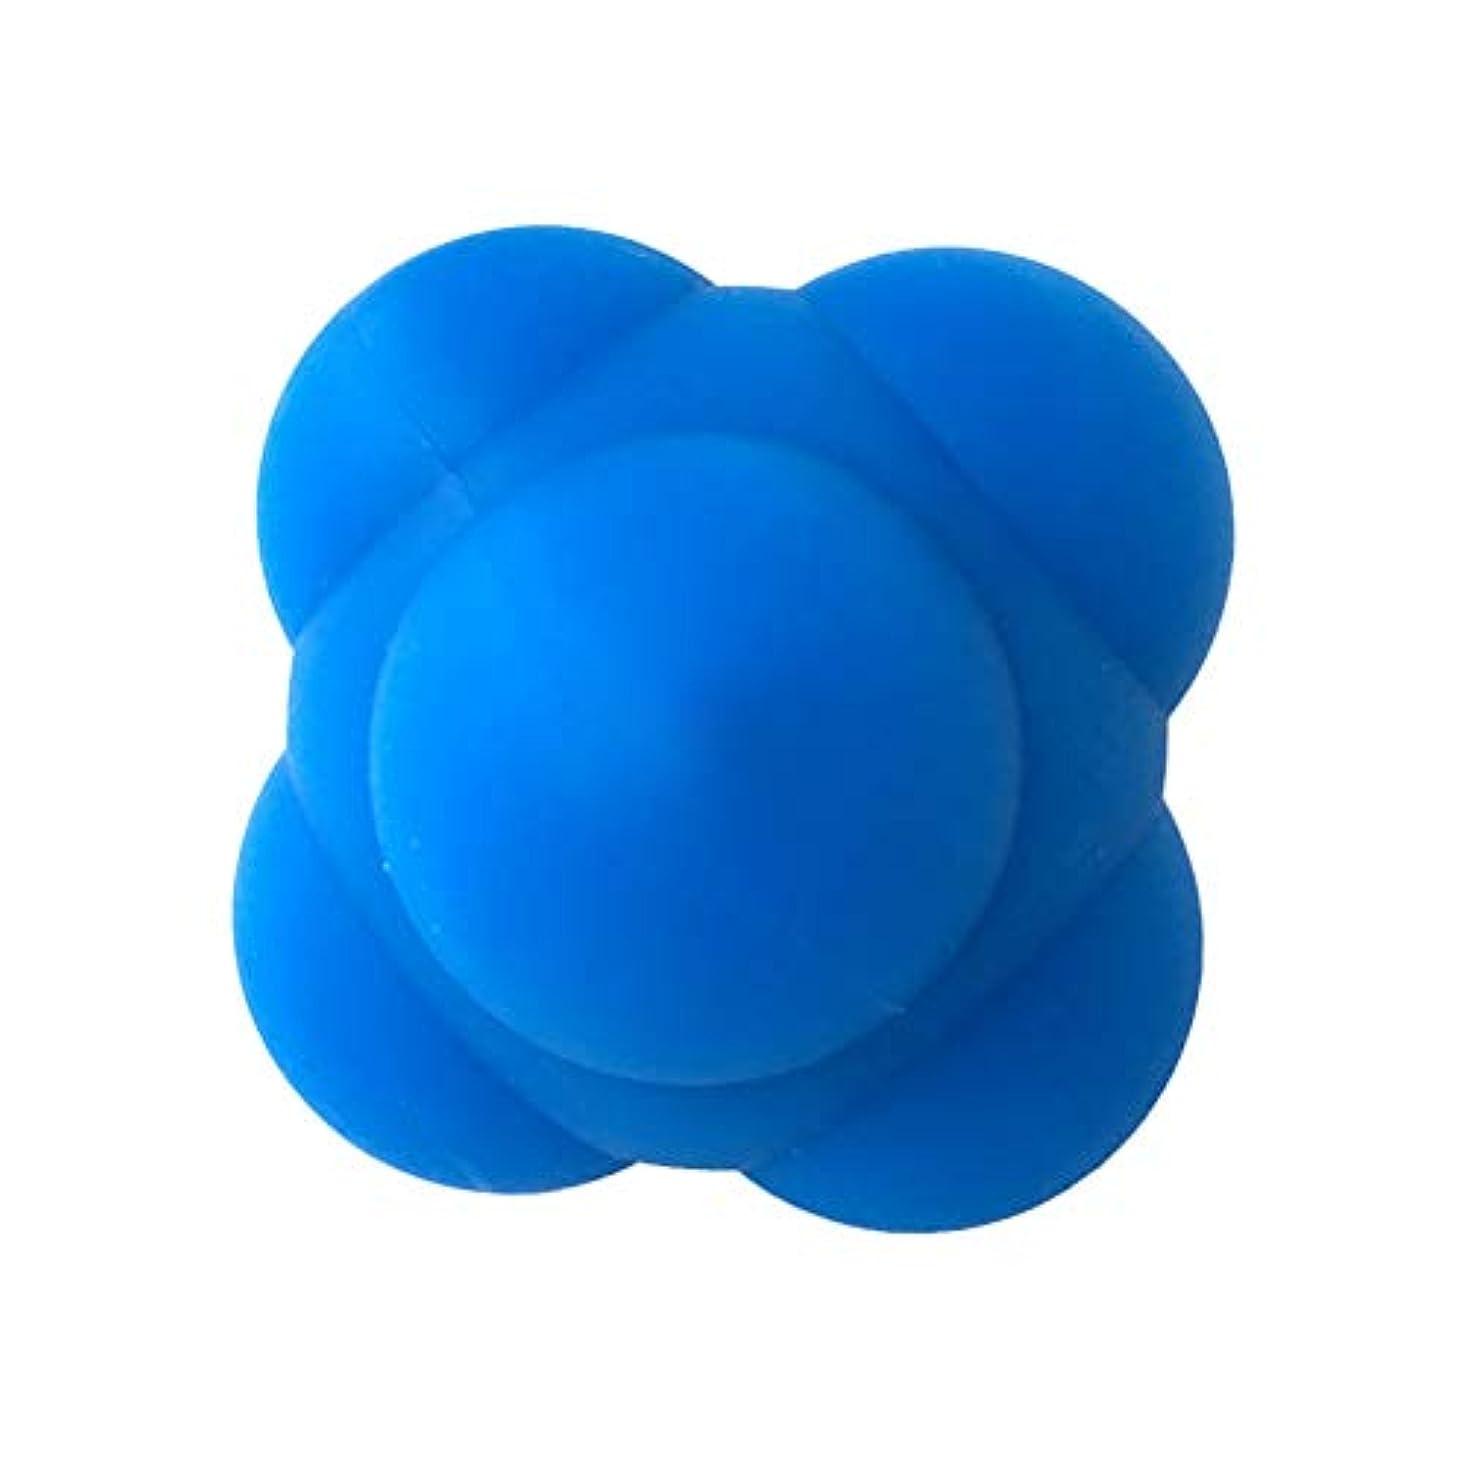 手のひらパターン充実Healifty シリコントレーニングボールフィットネスリアクションエクササイズボール速さと敏捷性トレーニングボール(青/ 6cm)